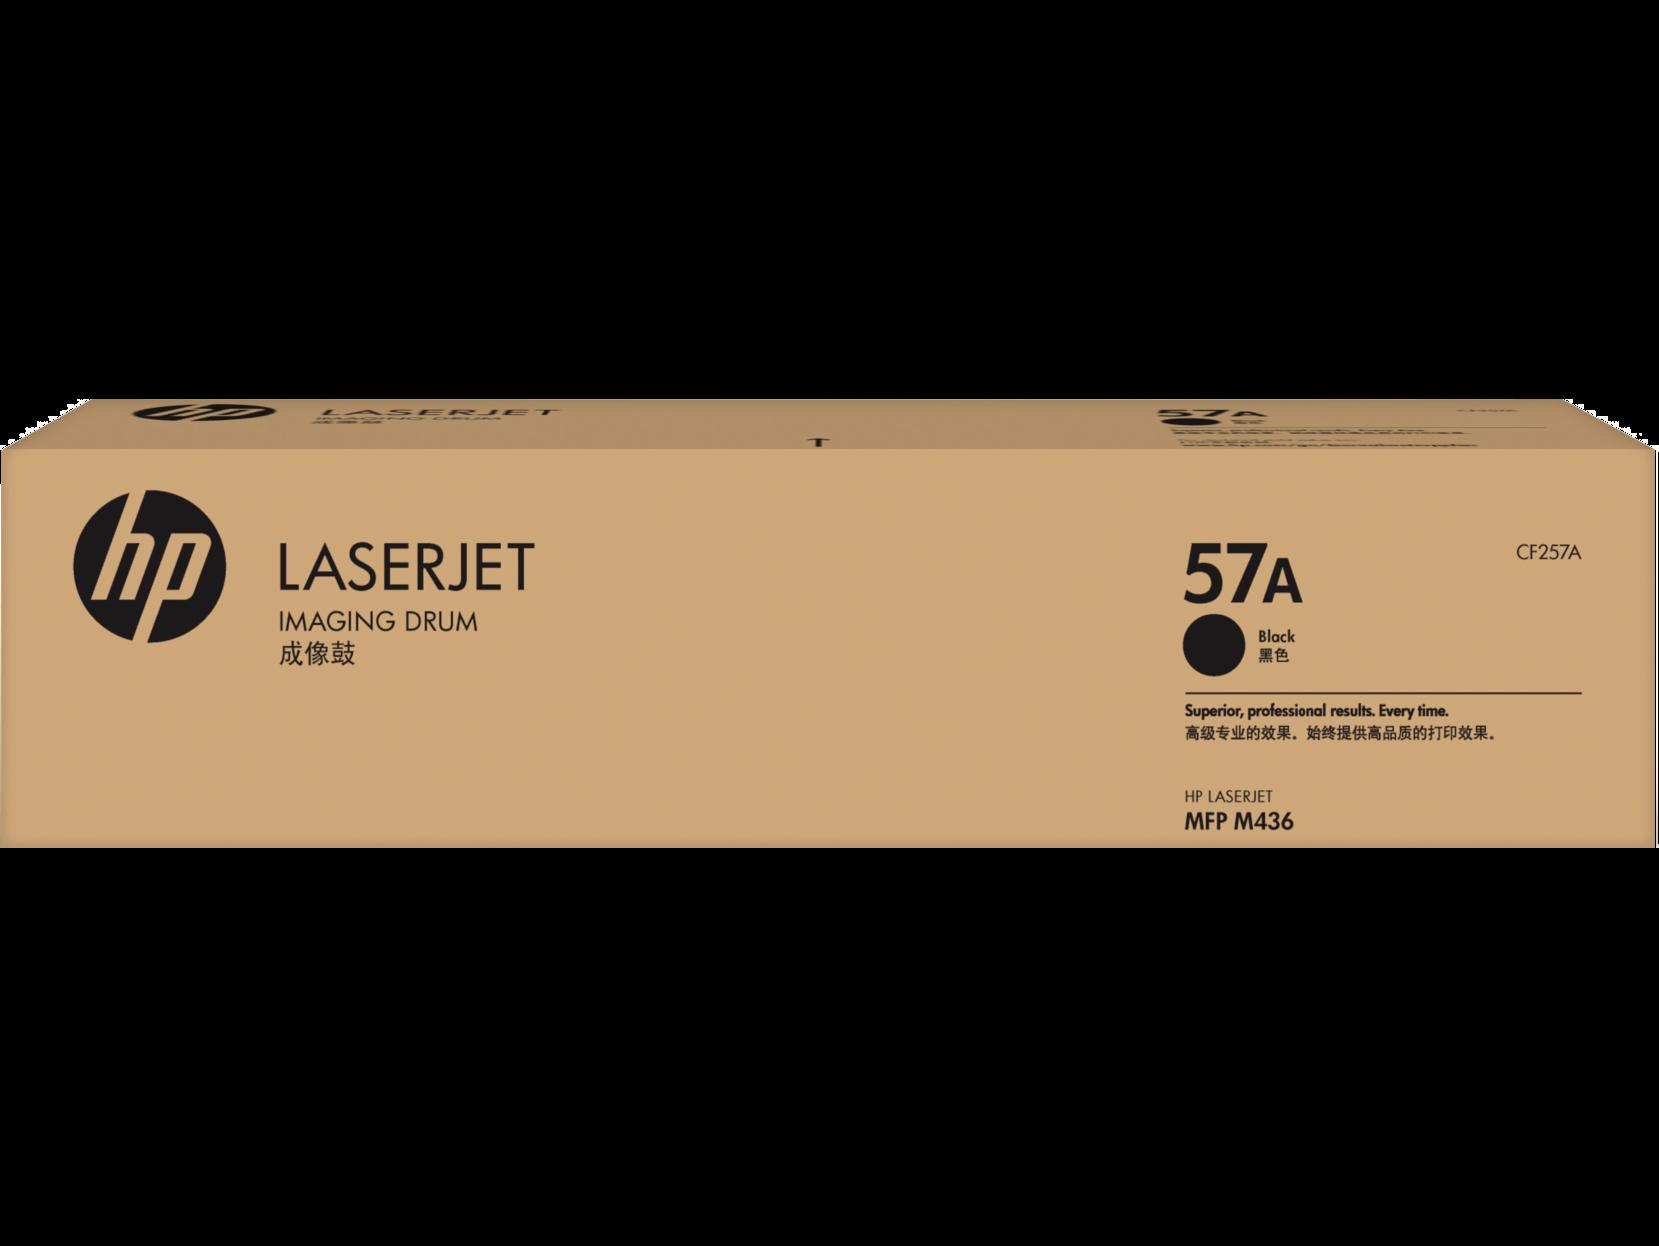 Trống Ảnh LaserJet Chính hãng HP 57A (CF257A) Dành Cho Máy HP LaserJet M42623, M42625, M433, M436, M438, M440